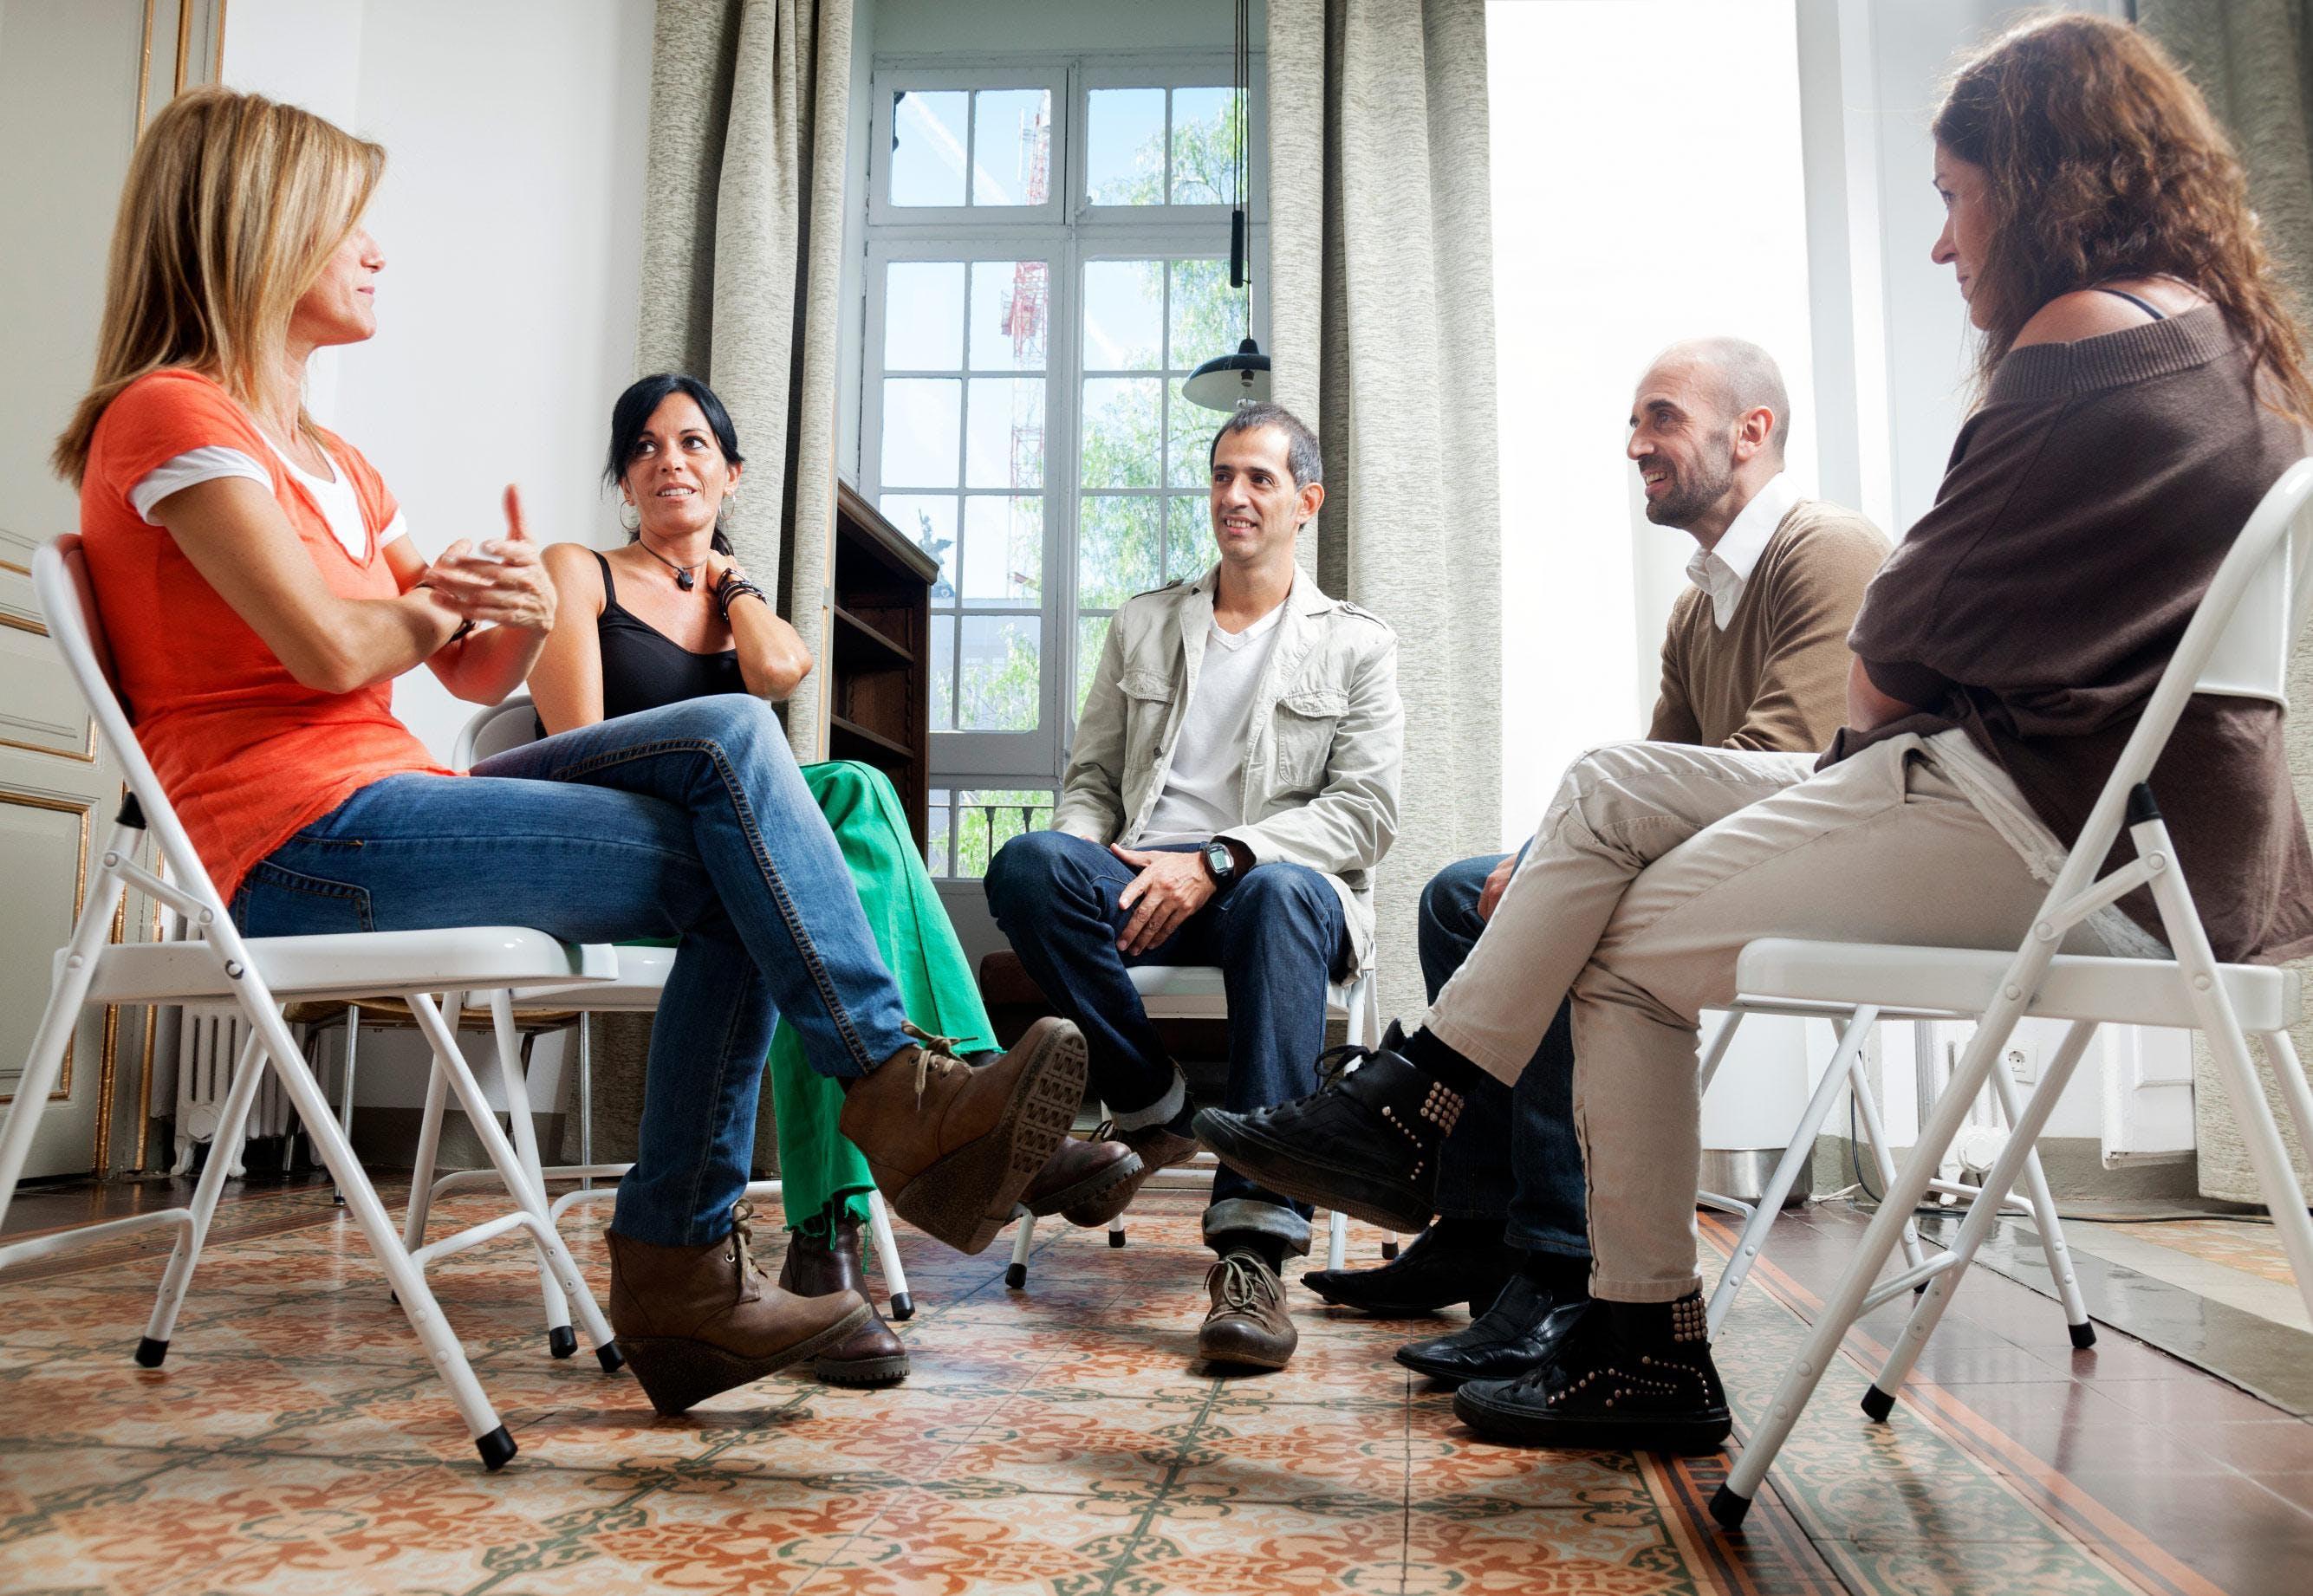 Картинка психологическая группа